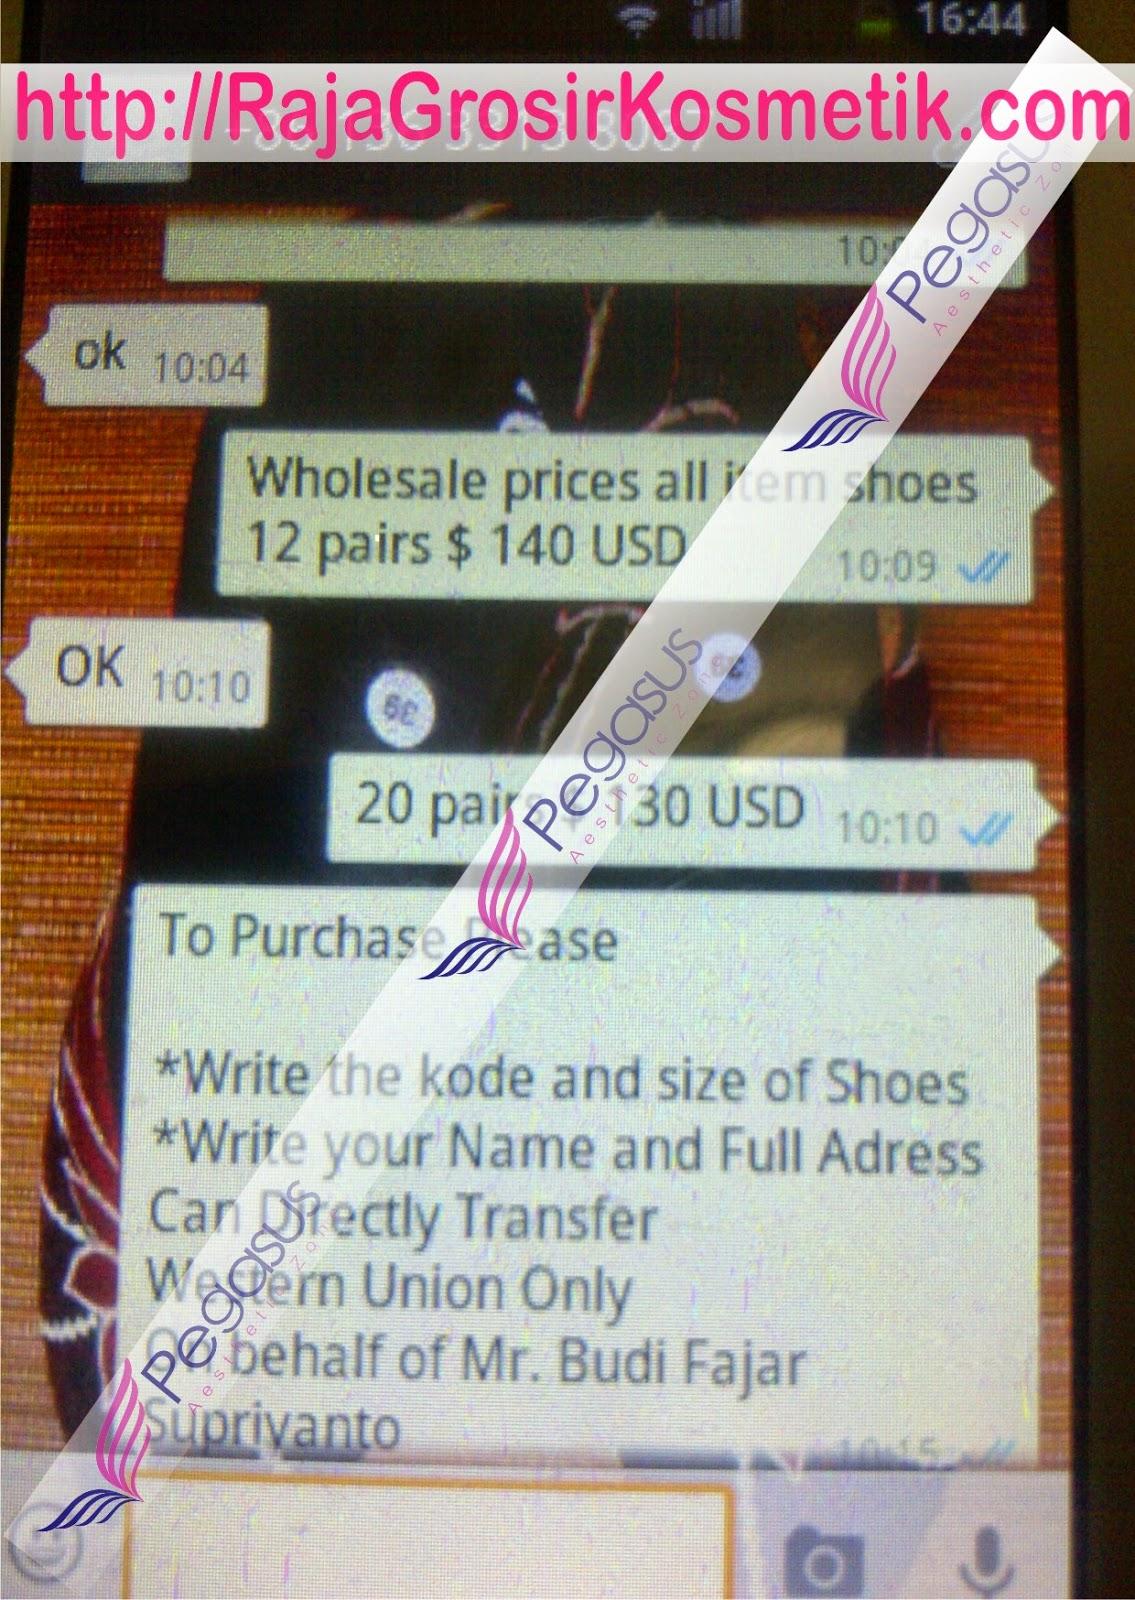 Sepatu Flat Wanita Online, Jual Flat Shoes Branded, Beli Kasut Online, www.distributorsepatumurah.com